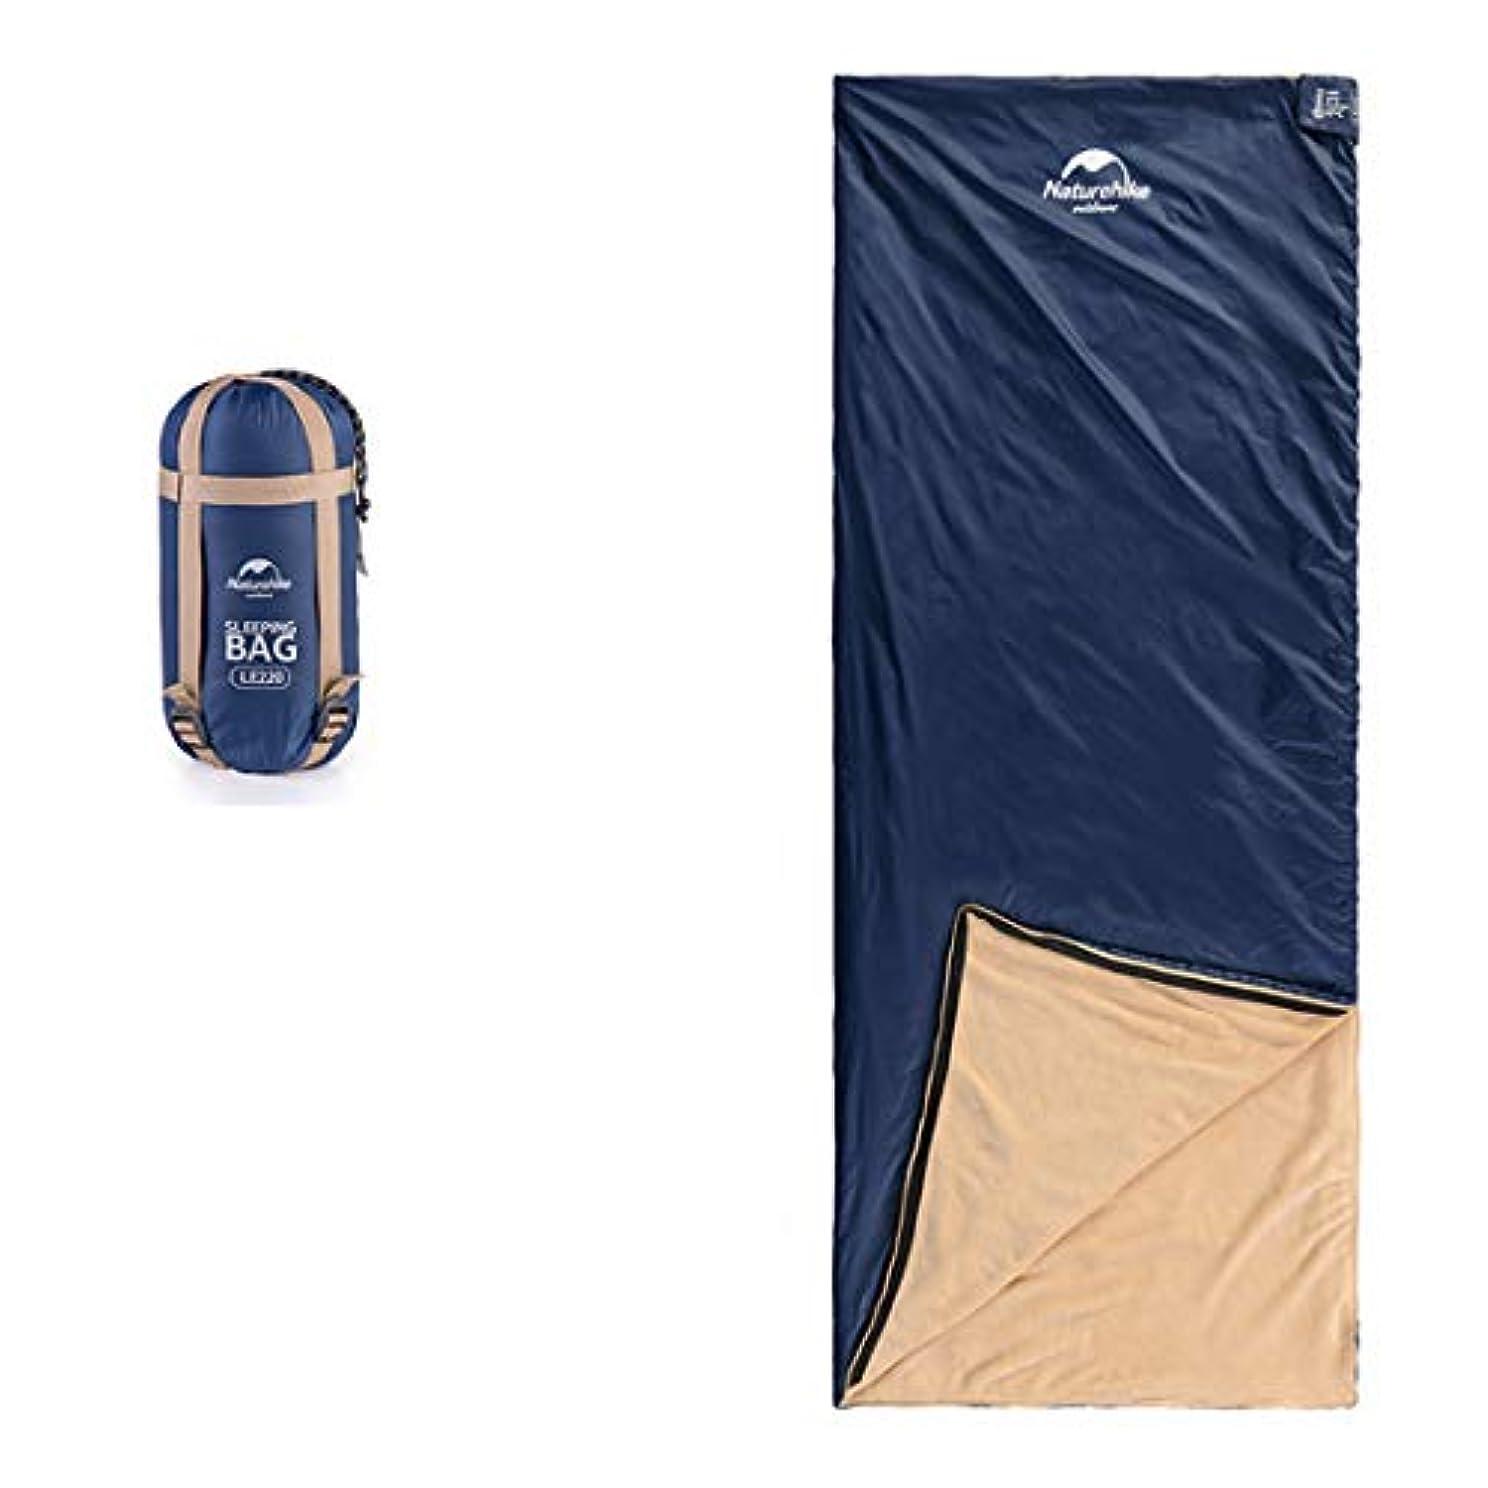 出身地十代の若者たち捨てるLilyAngel キャンプの寝袋 - 封筒軽量の防水防水で快適なサック - 2シーズンの旅行キャンプのハイキングアウトドアアクティビティ